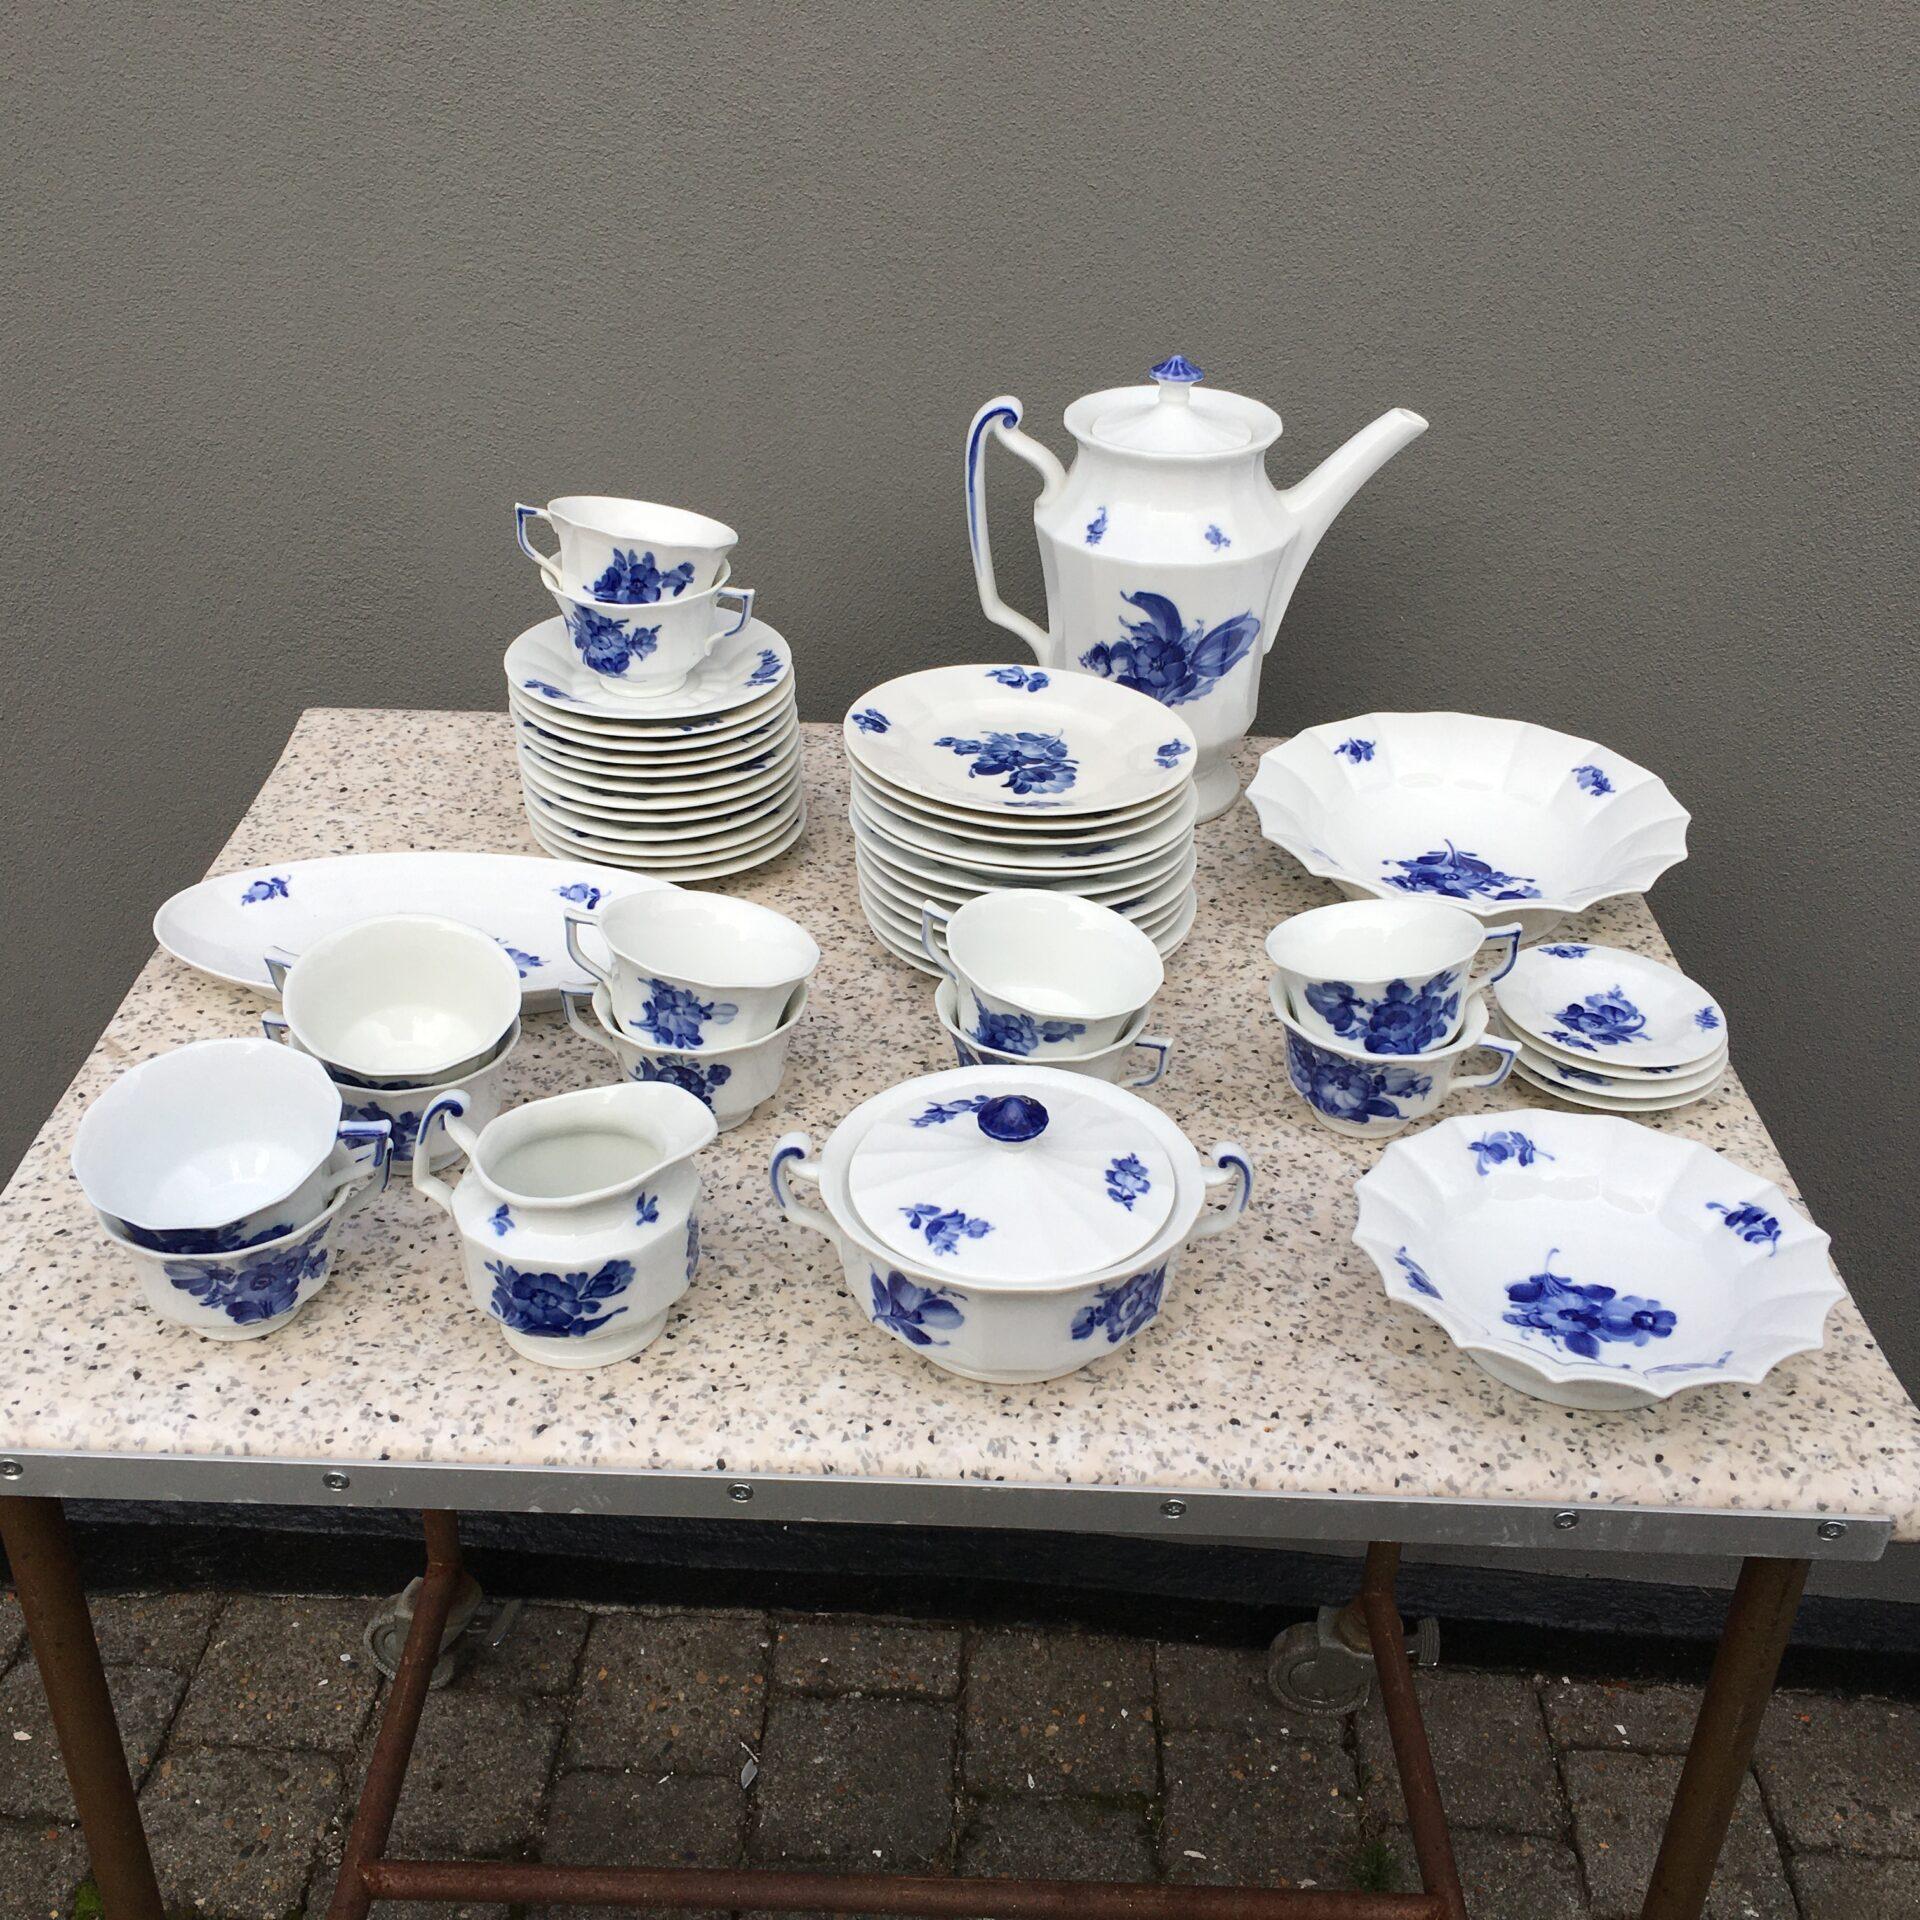 Kongelig porcelæn, Blå Blomst, Kantet, kaffestel til 12 pers. (kop nr.8608) samlet pris 2000kr